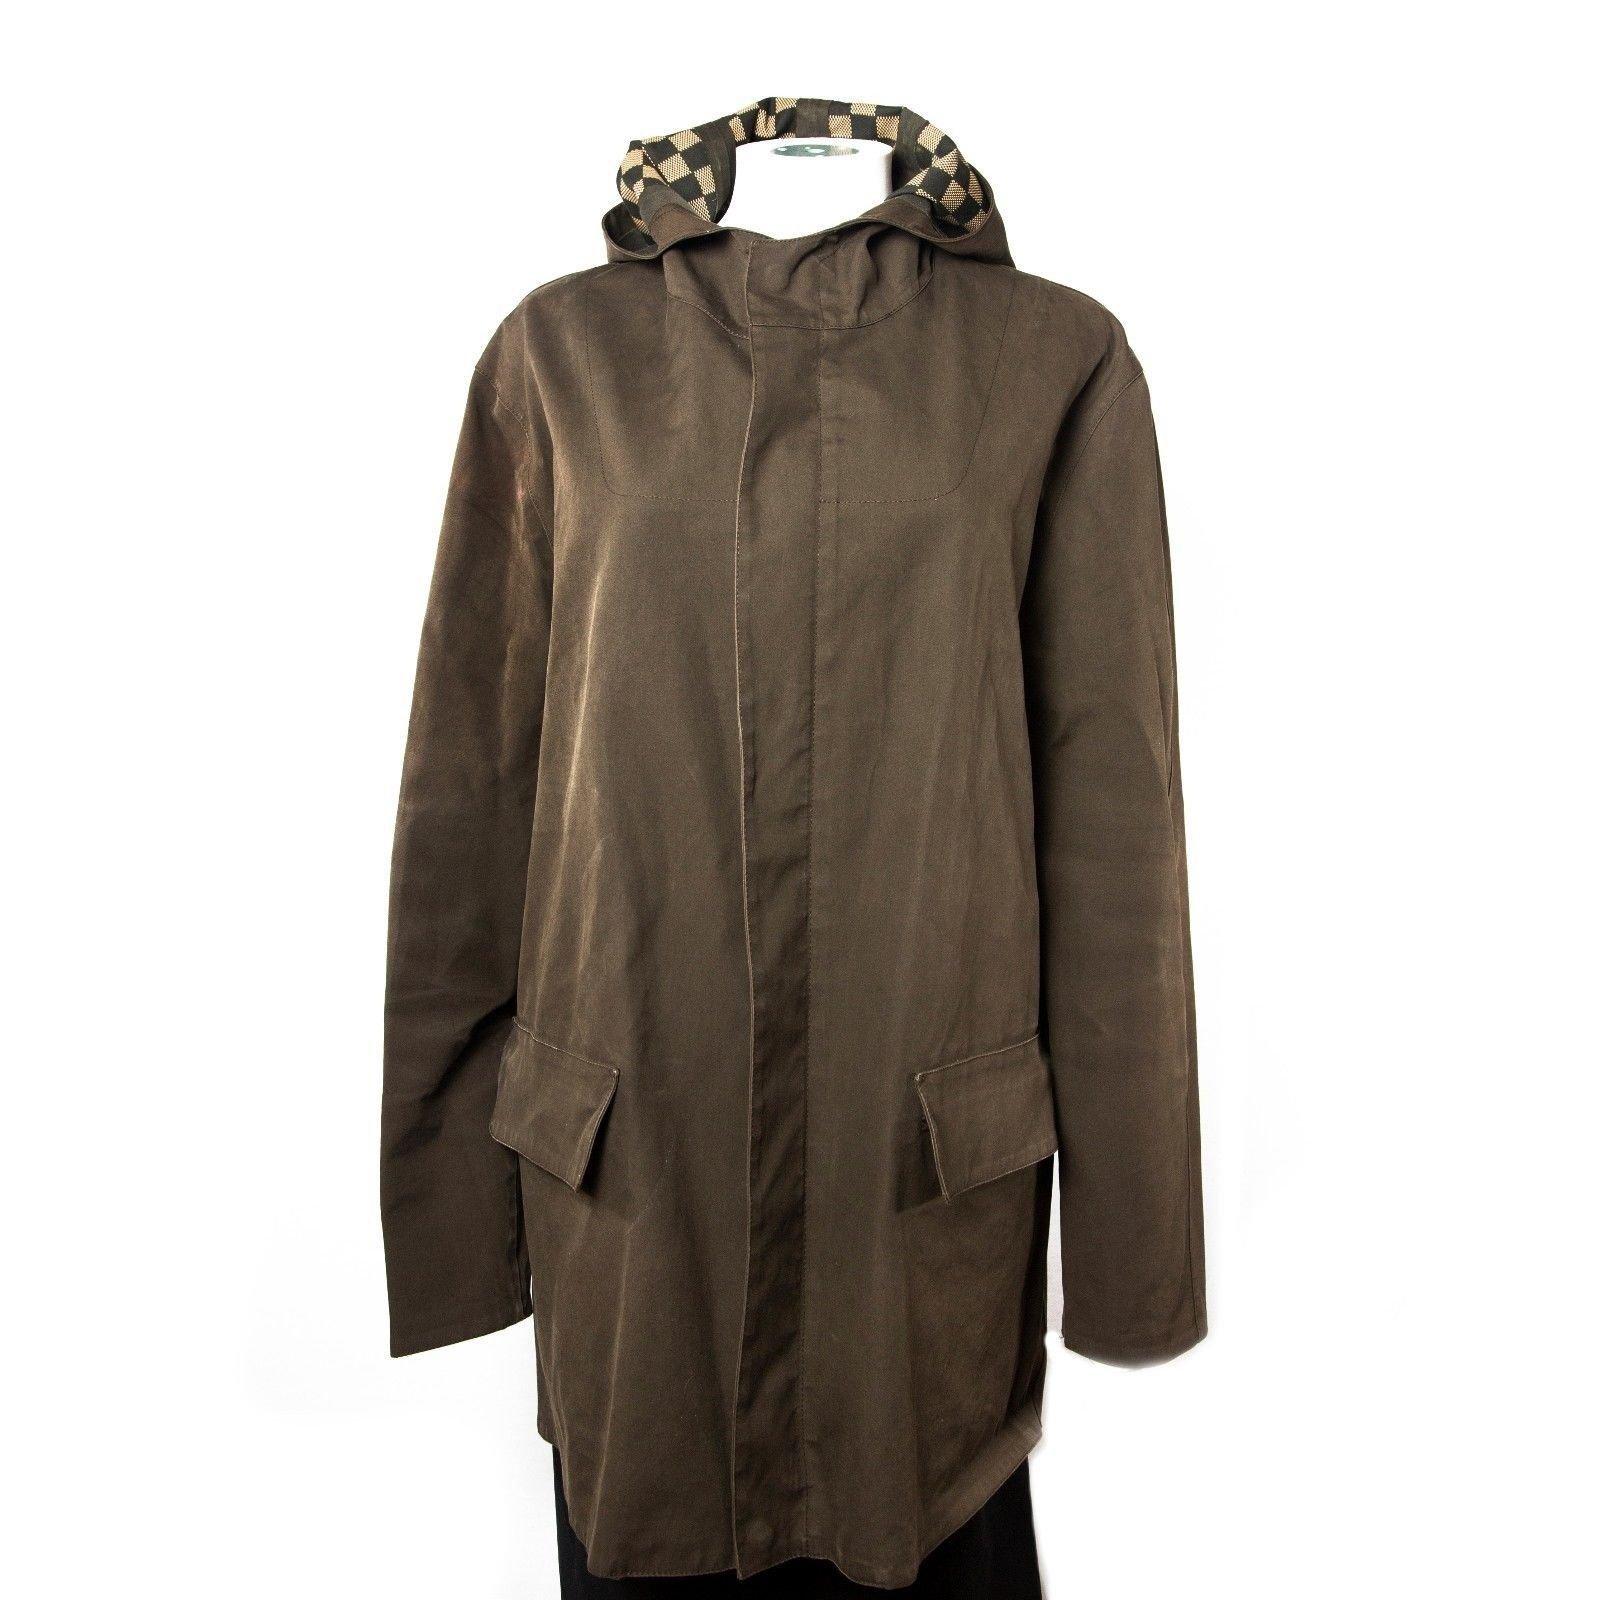 manteaux homme louis vuitton veste longue capuche damier. Black Bedroom Furniture Sets. Home Design Ideas